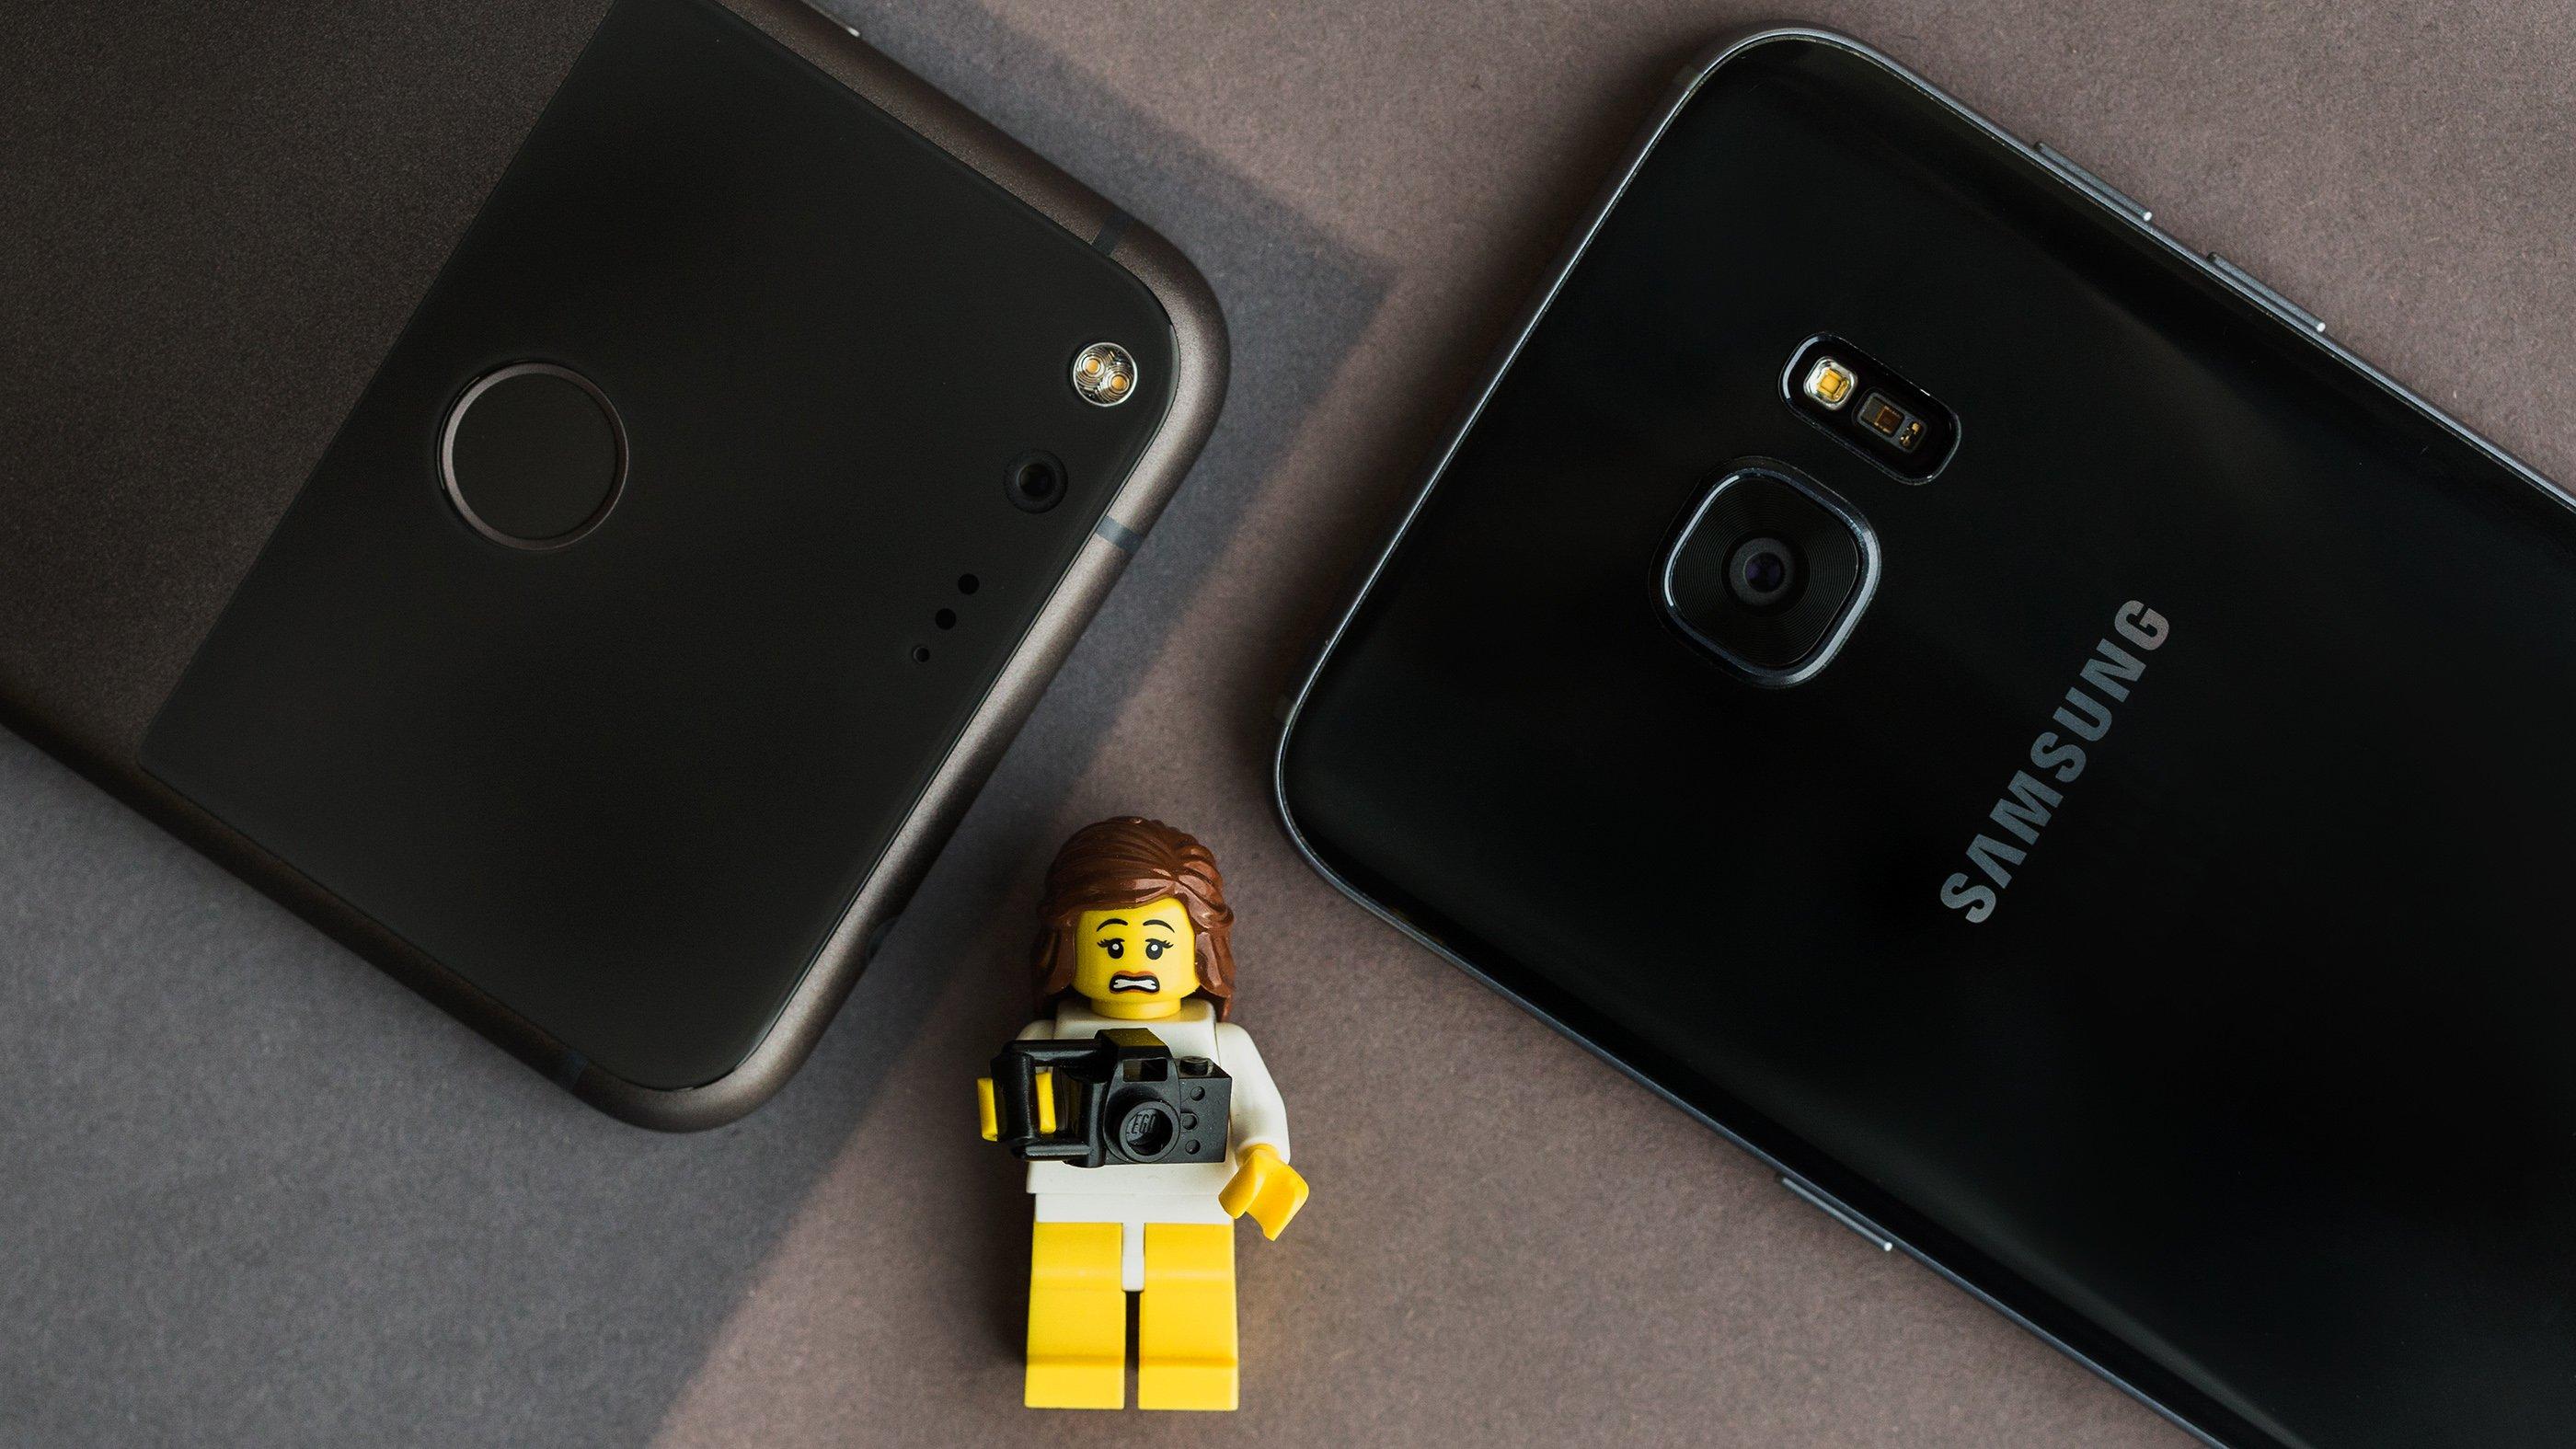 Cosa viene eliminato quando si esegue il ripristino hardware del telefono cellulare? 1